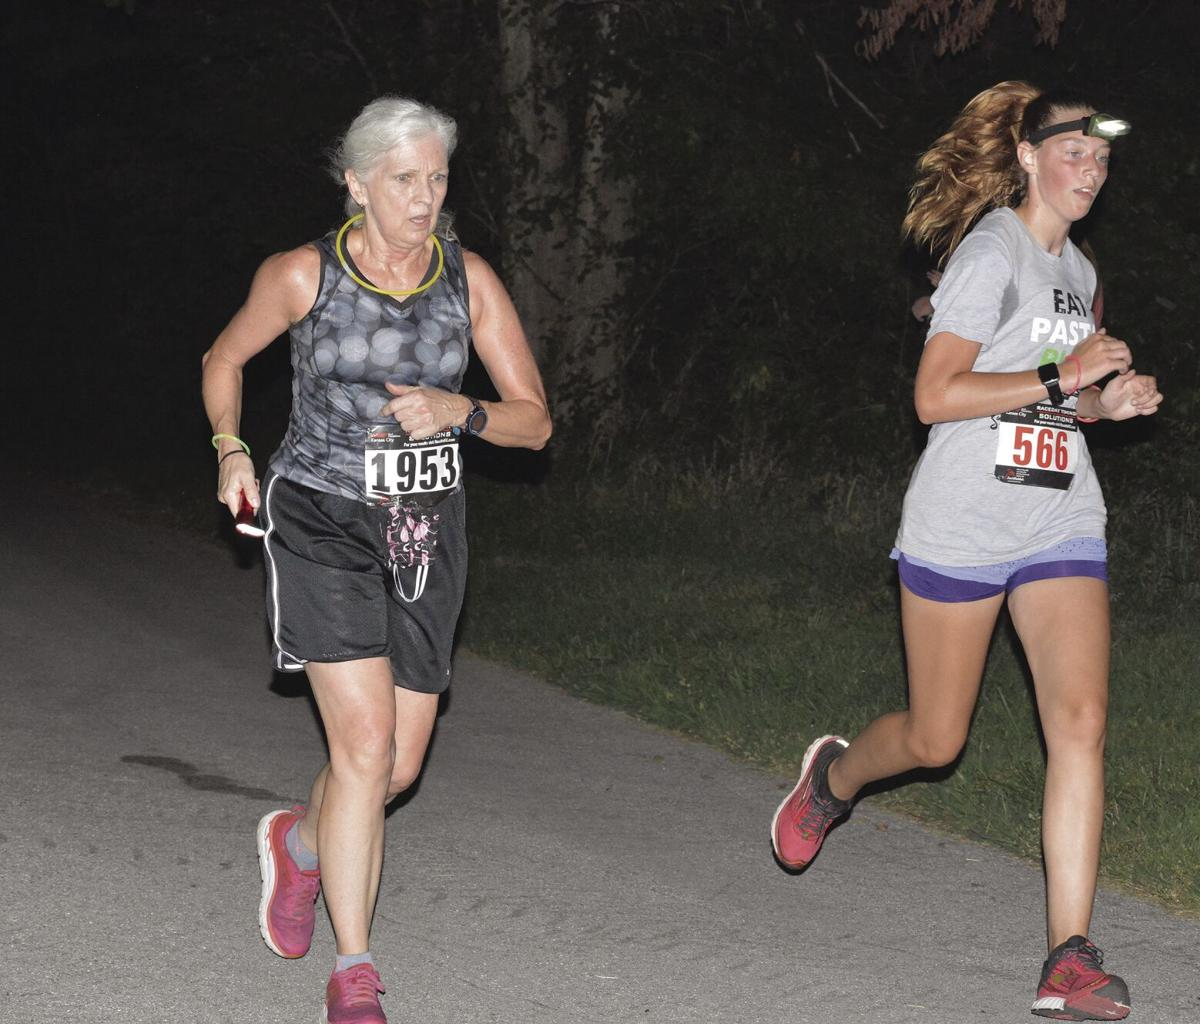 Night running at lake